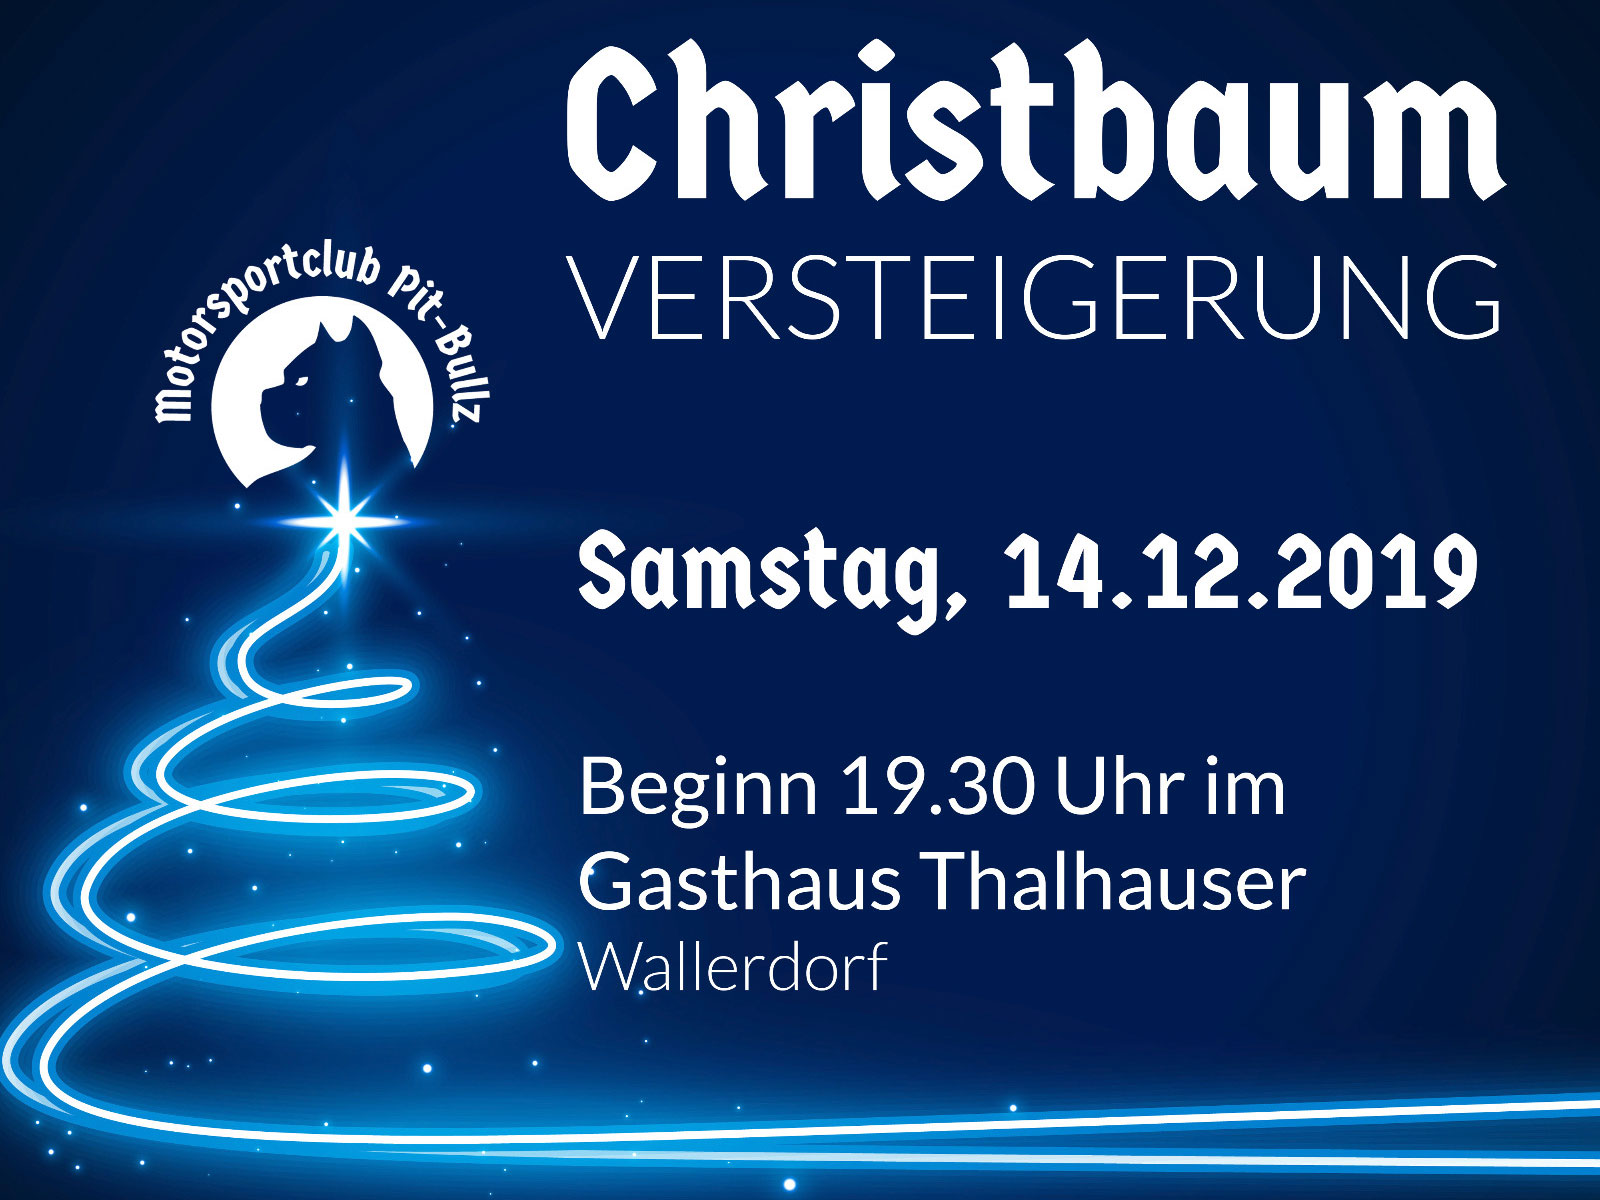 Christbaumversteigerung 2019